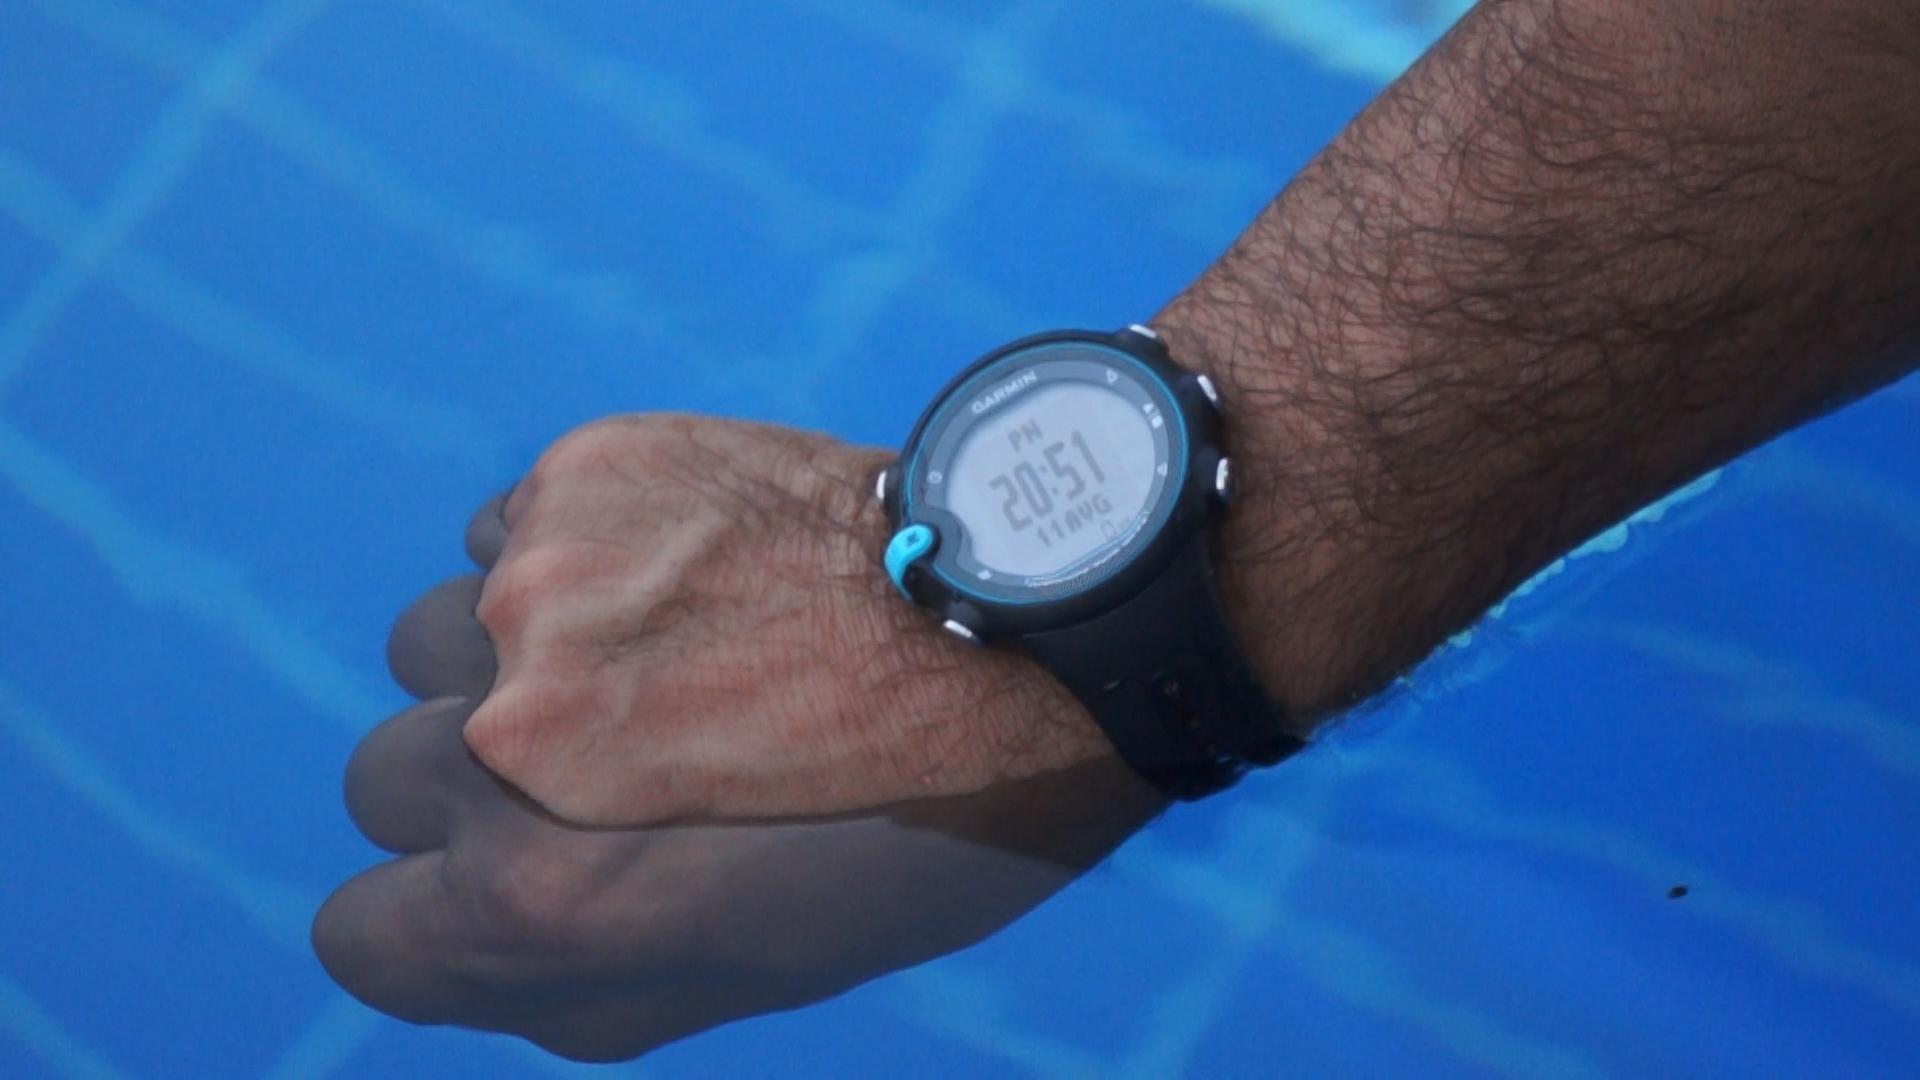 Можно ли плавать с «умными часами»?